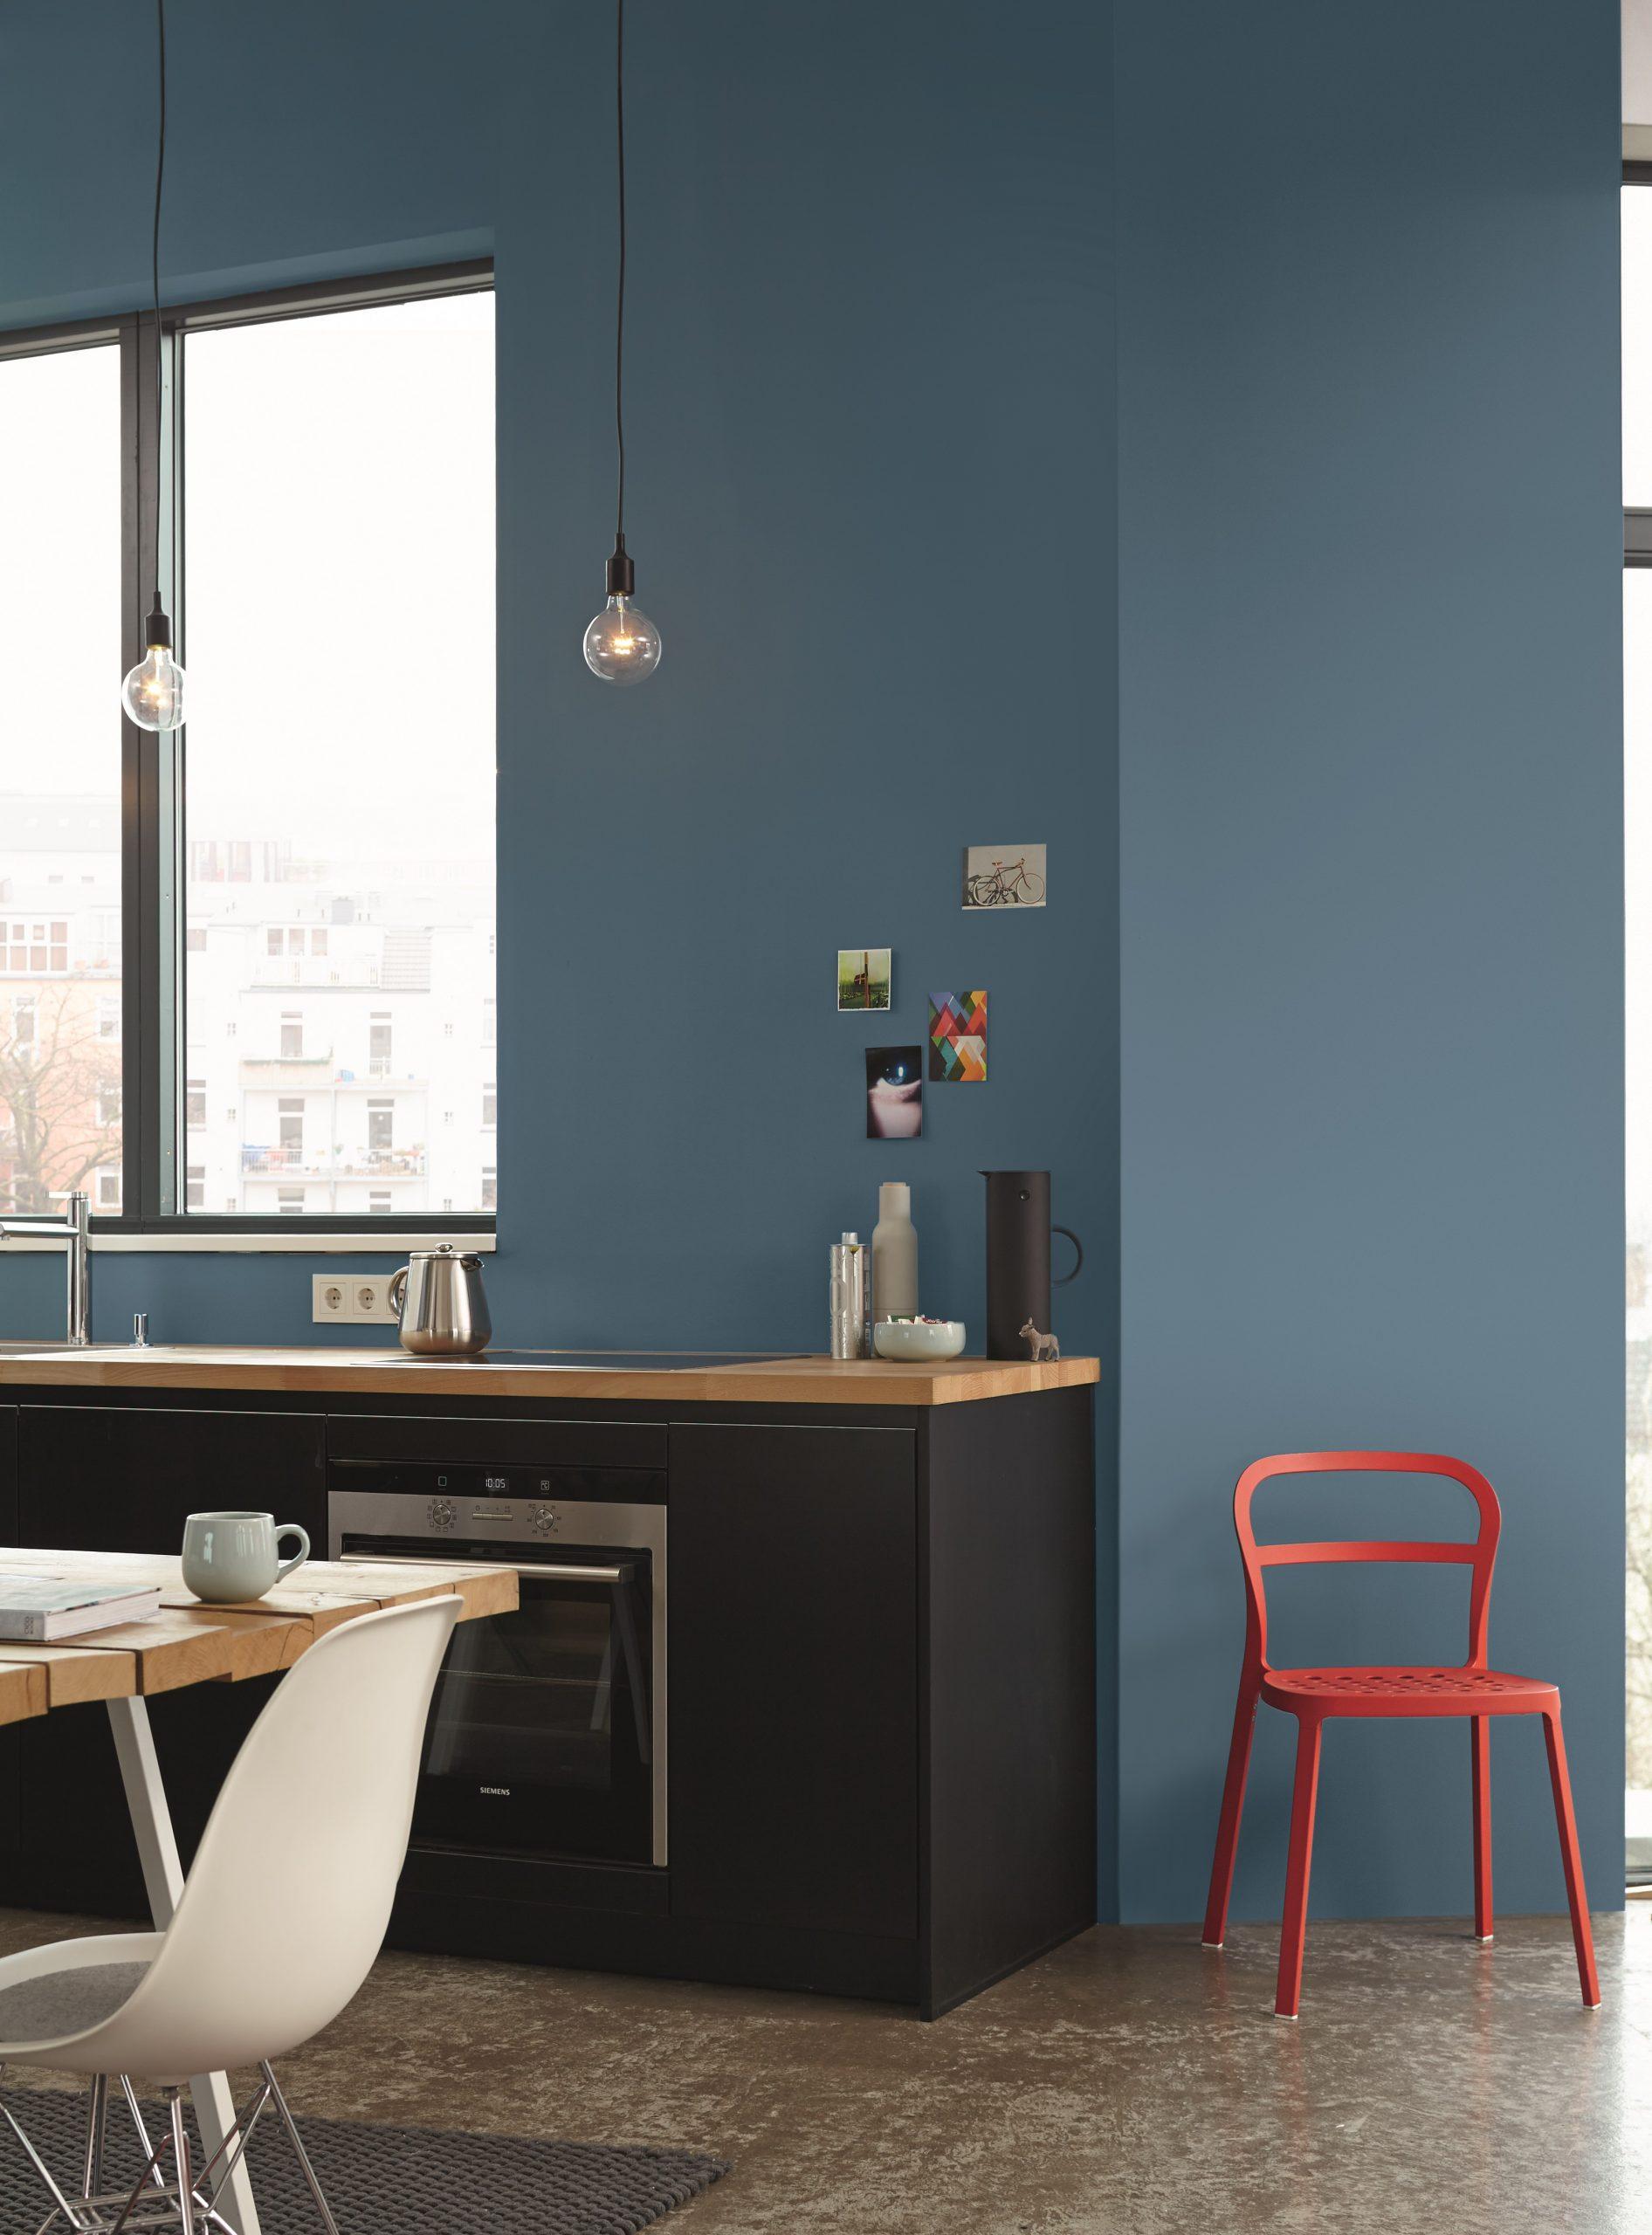 Full Size of Dachgeschoss Küche Einrichten Komplette Neue Kleine Küche Einrichten Küche Einrichten Worauf Achten Altbau Küche Einrichten Küche Küche Einrichten